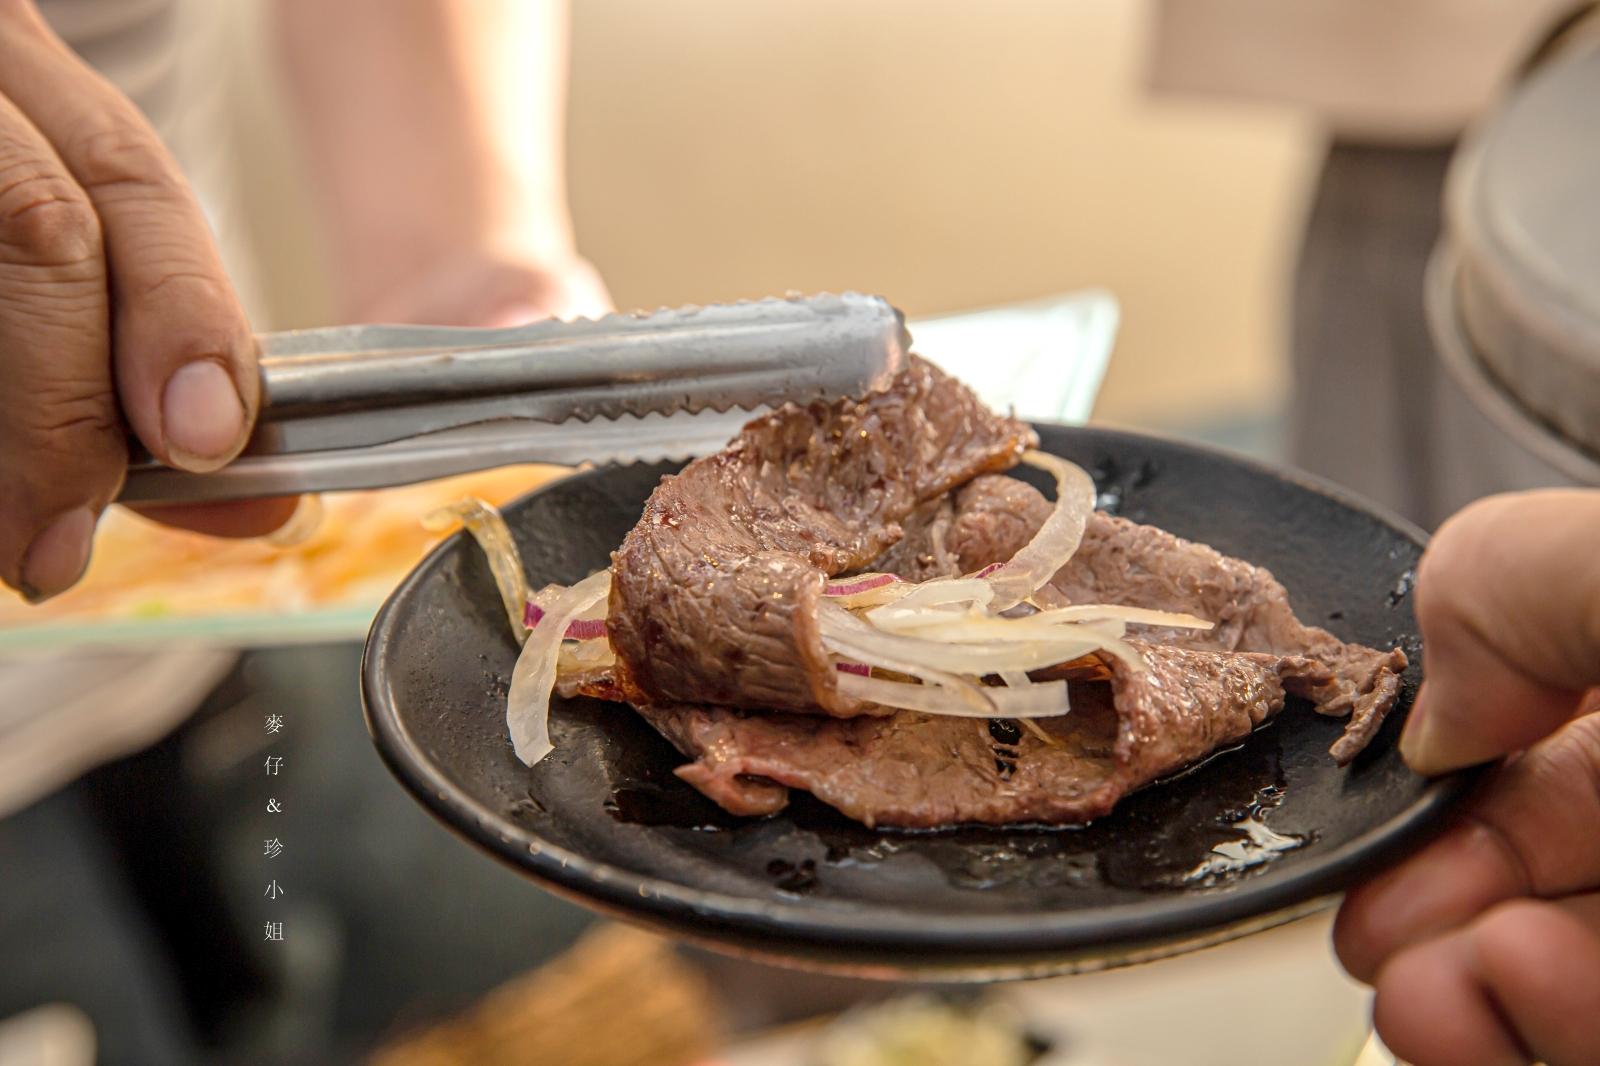 台北燒肉。火の舞蓁品燒和牛放題|最低799起高品質美澳和牛無限量吃到飽,打卡就送美國手掌大生蠔|台北東區日式燒肉推薦